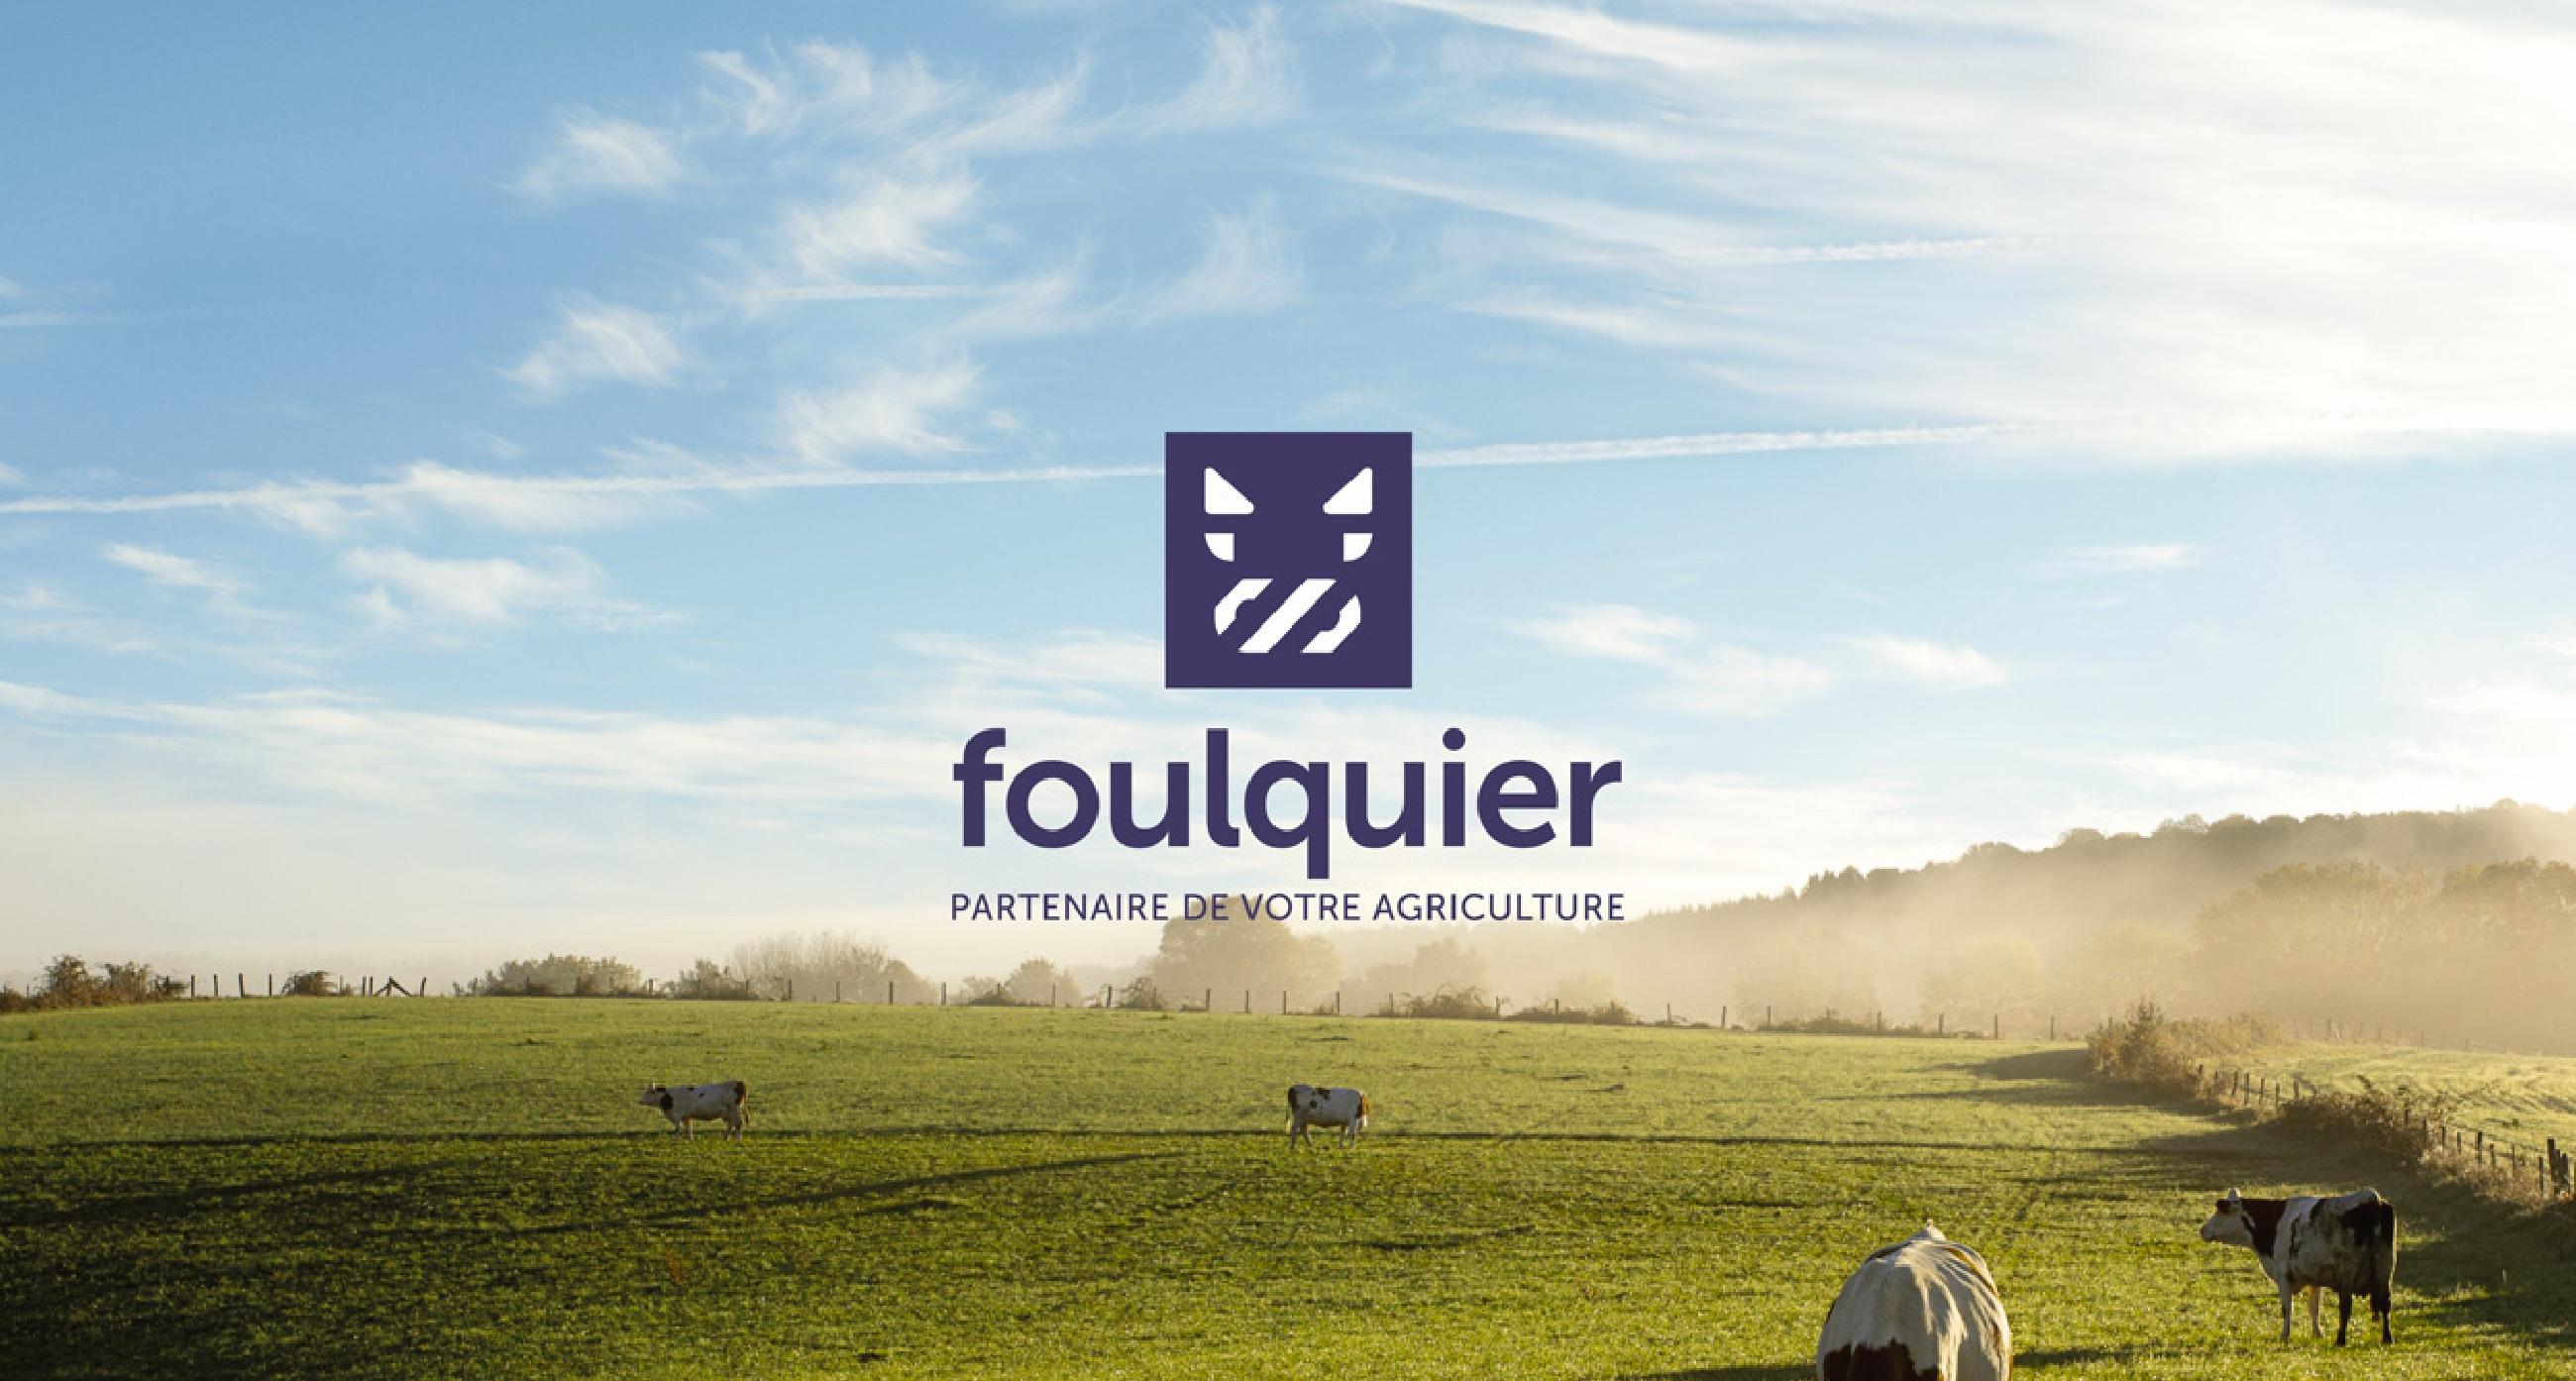 foulquier-logo@2x